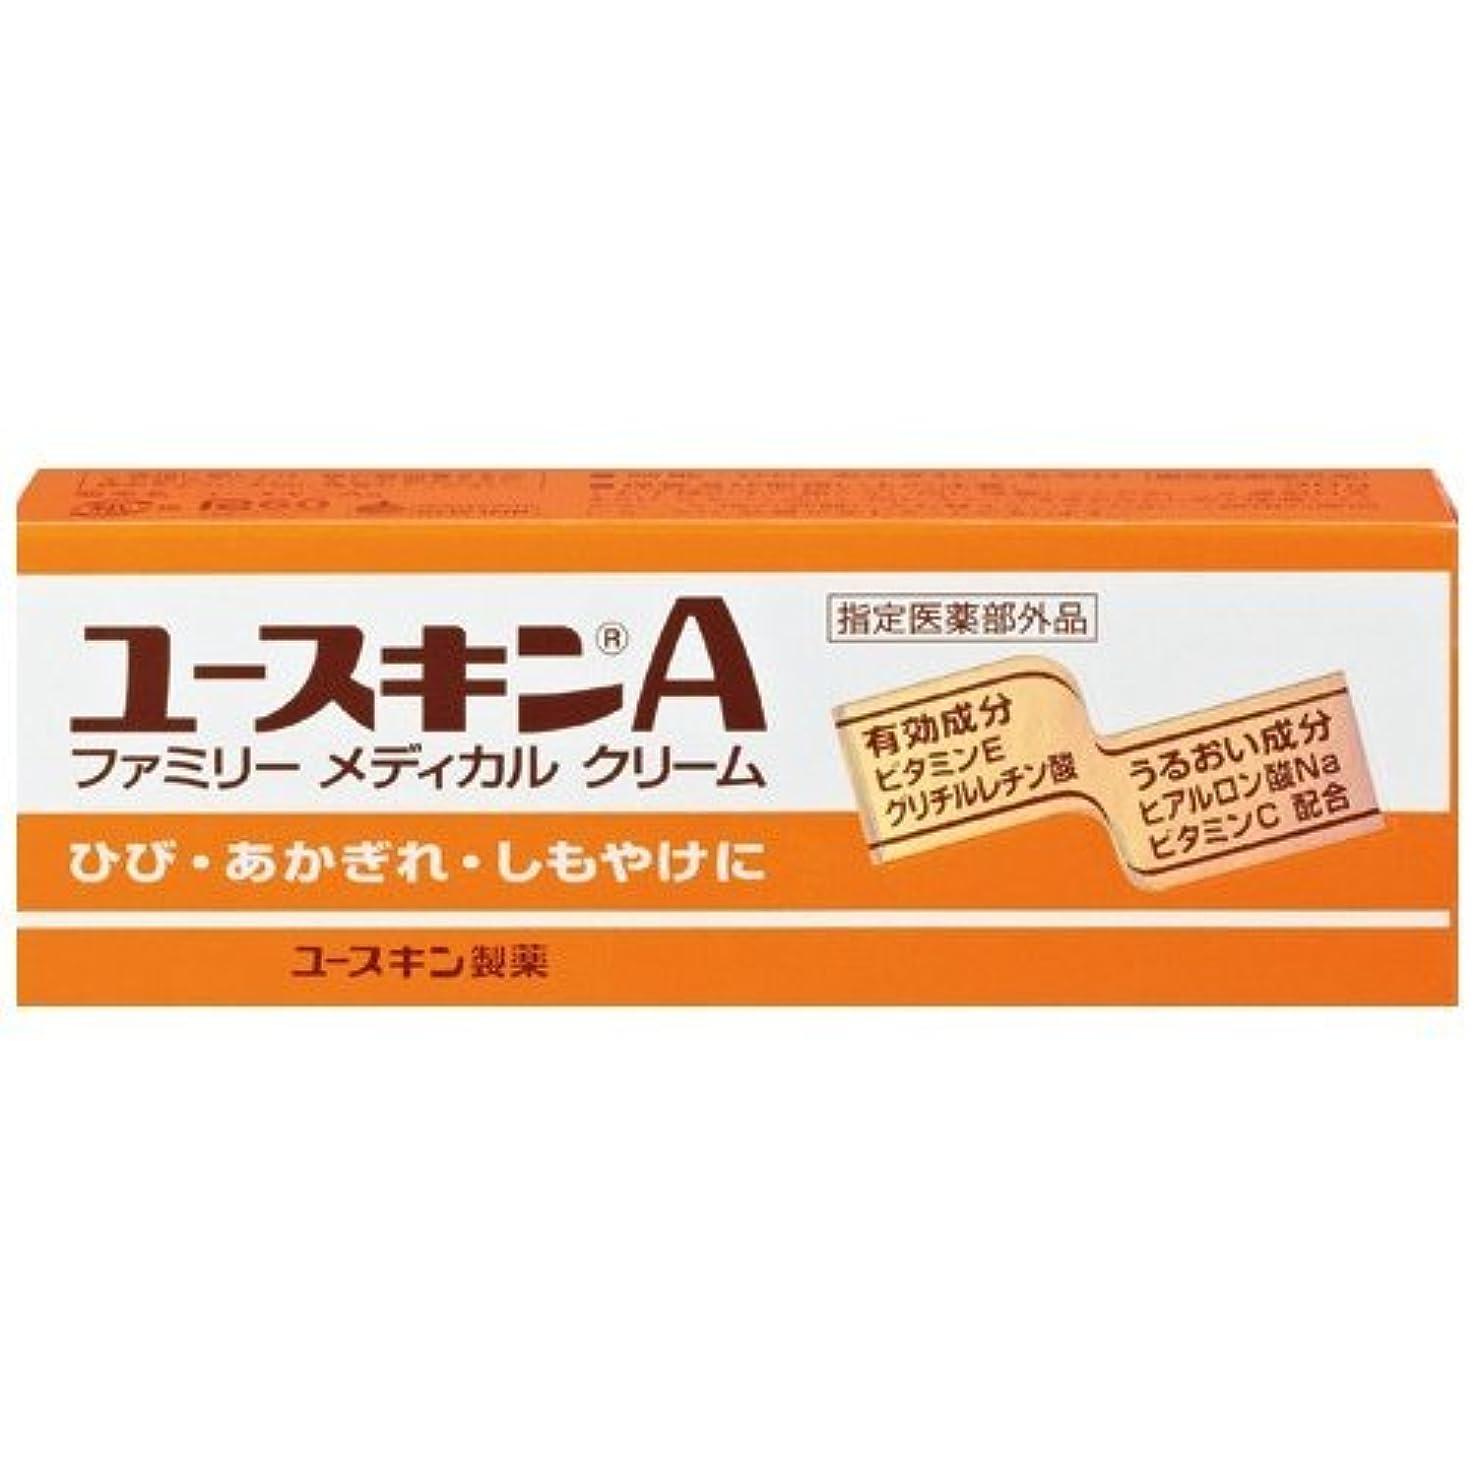 ディプロマスティーブンソン回路ユースキンA 30g (手荒れ かかと荒れ 保湿クリーム)【指定医薬部外品】